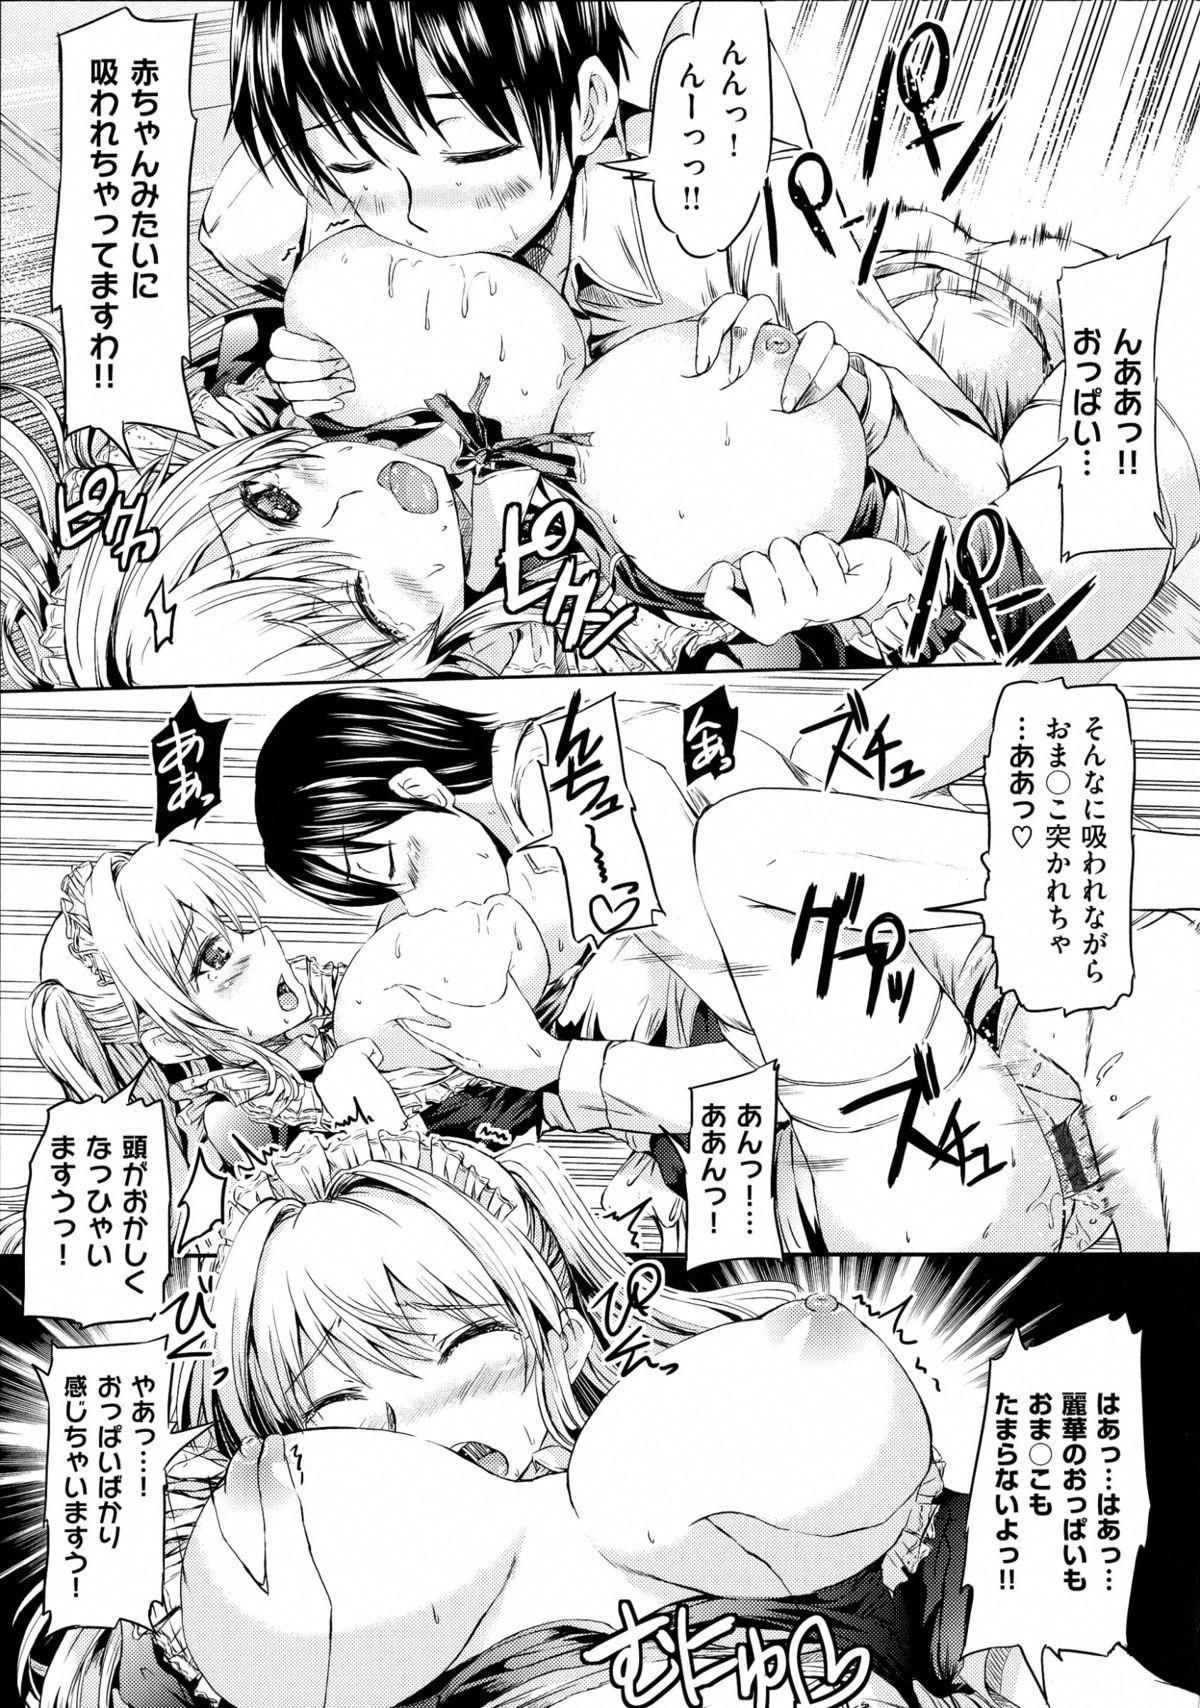 Ojou-sama no Maid Jijou 157